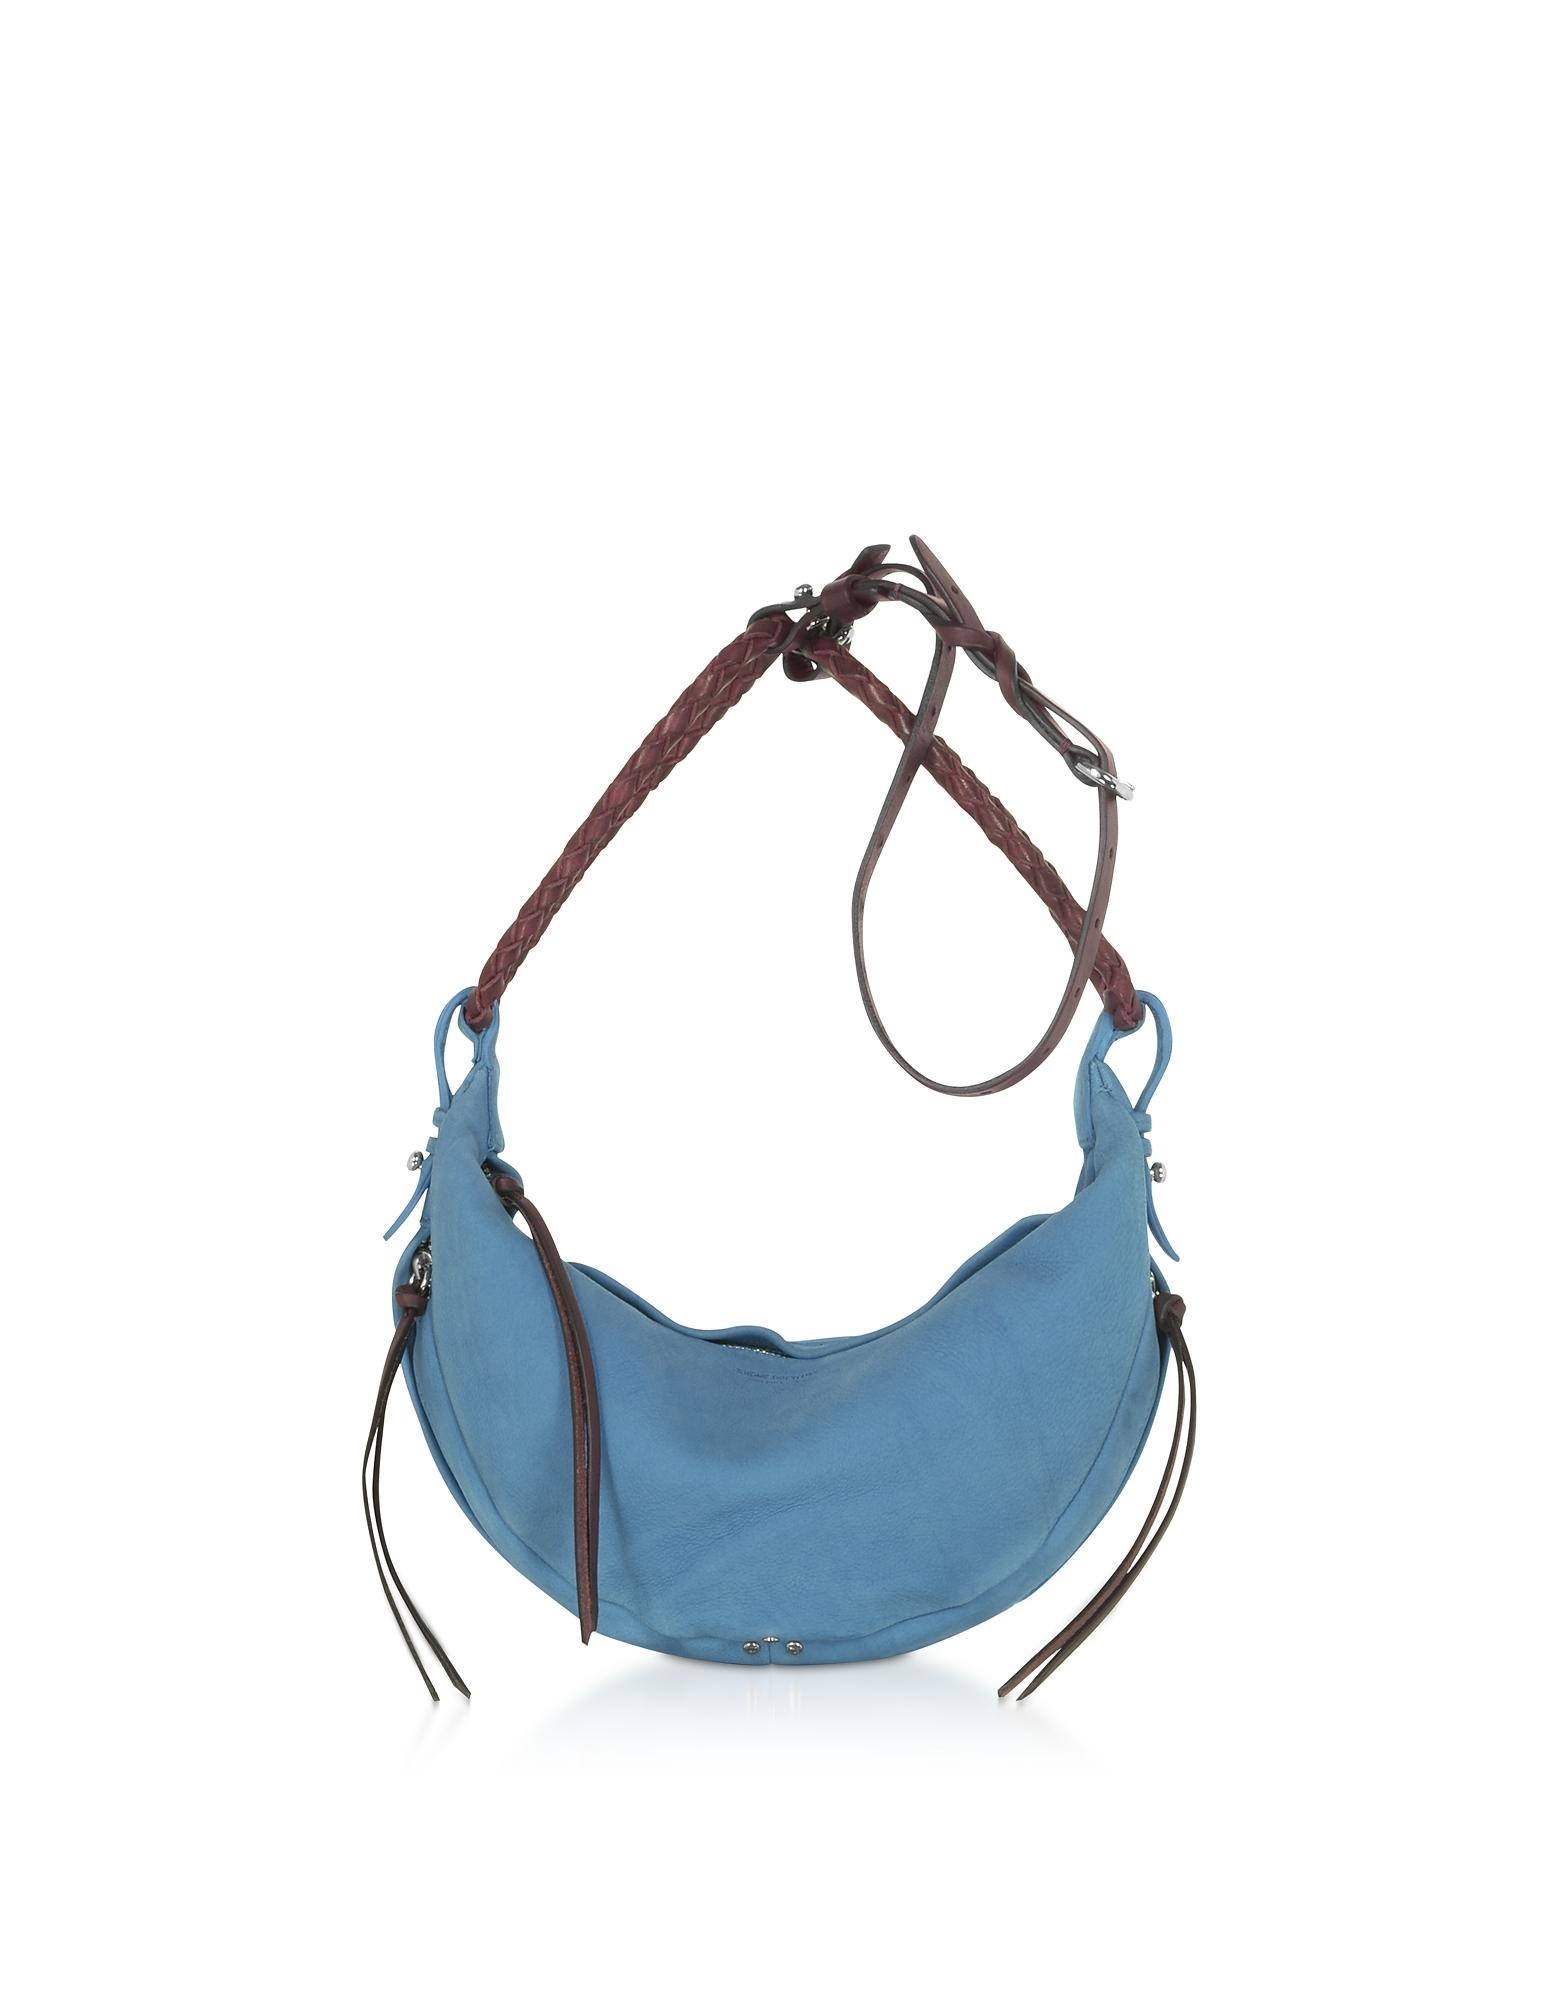 Jerome Dreyfuss Designer Handbags, Willy S Light Blue Leather Shoulder Bag